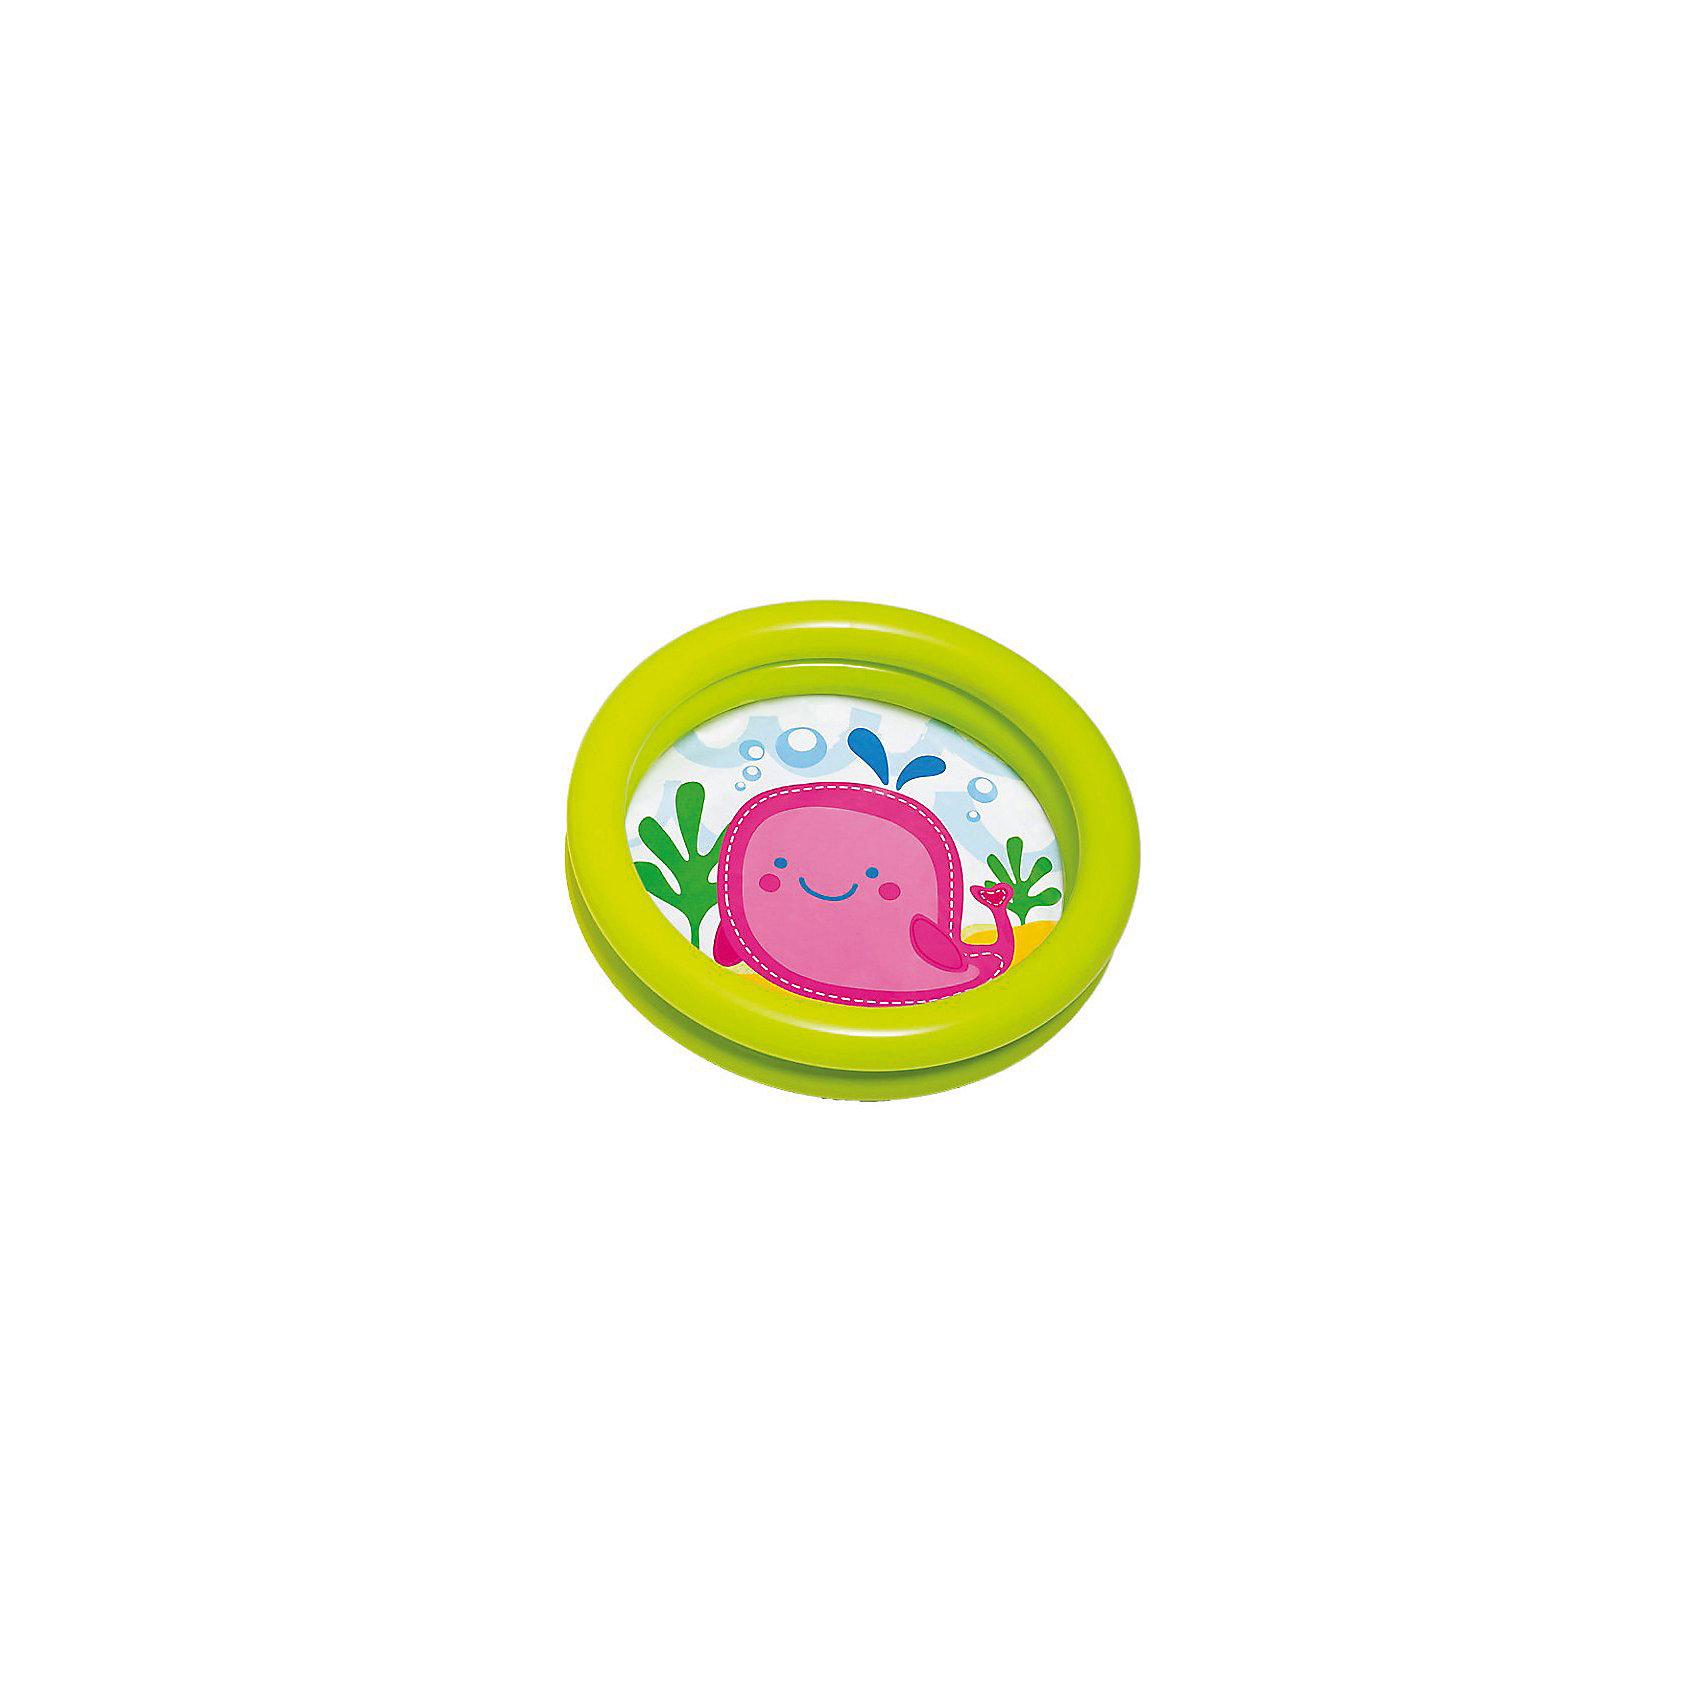 Детский надувной бассейн Кит, зеленый, IntexДетский надувной бассейн Кит, зеленый, Intex (Интекс).<br><br>Характеристики:<br><br>• В комплекте: детский надувной бассейн, ремкоплект<br>• Размер бассейна: 61x15 см.<br>• Объем: 15 литров при наполнении на 80 %<br>• Материал: винил 0,2 мм.<br>• Ненадувное дно<br>• Цвет: зеленый<br>• Вес в упаковке: 0,27 кг.<br><br>Детский надувной бассейн Кит от Intex (Интекс) предназначен для самых маленьких. Он отлично подойдет в качестве первого бассейна для вашего малыша. При желании бассейн можно использовать как ванночку для купания. Низкие бортики позволят ребенку самостоятельно забраться в бассейн, а картинка на дне сделает водные игры еще интереснее. Бортики бассейна представляют собой две воздушных камеры, которые надуваются независимо друг от друга. Бассейн изготовлен из прочного винила,<br><br>Детский надувной бассейн Кит, зеленый, Intex (Интекс) можно купить в нашем интернет-магазине.<br><br>Ширина мм: 284<br>Глубина мм: 258<br>Высота мм: 40<br>Вес г: 257<br>Возраст от месяцев: 12<br>Возраст до месяцев: 36<br>Пол: Унисекс<br>Возраст: Детский<br>SKU: 5480579